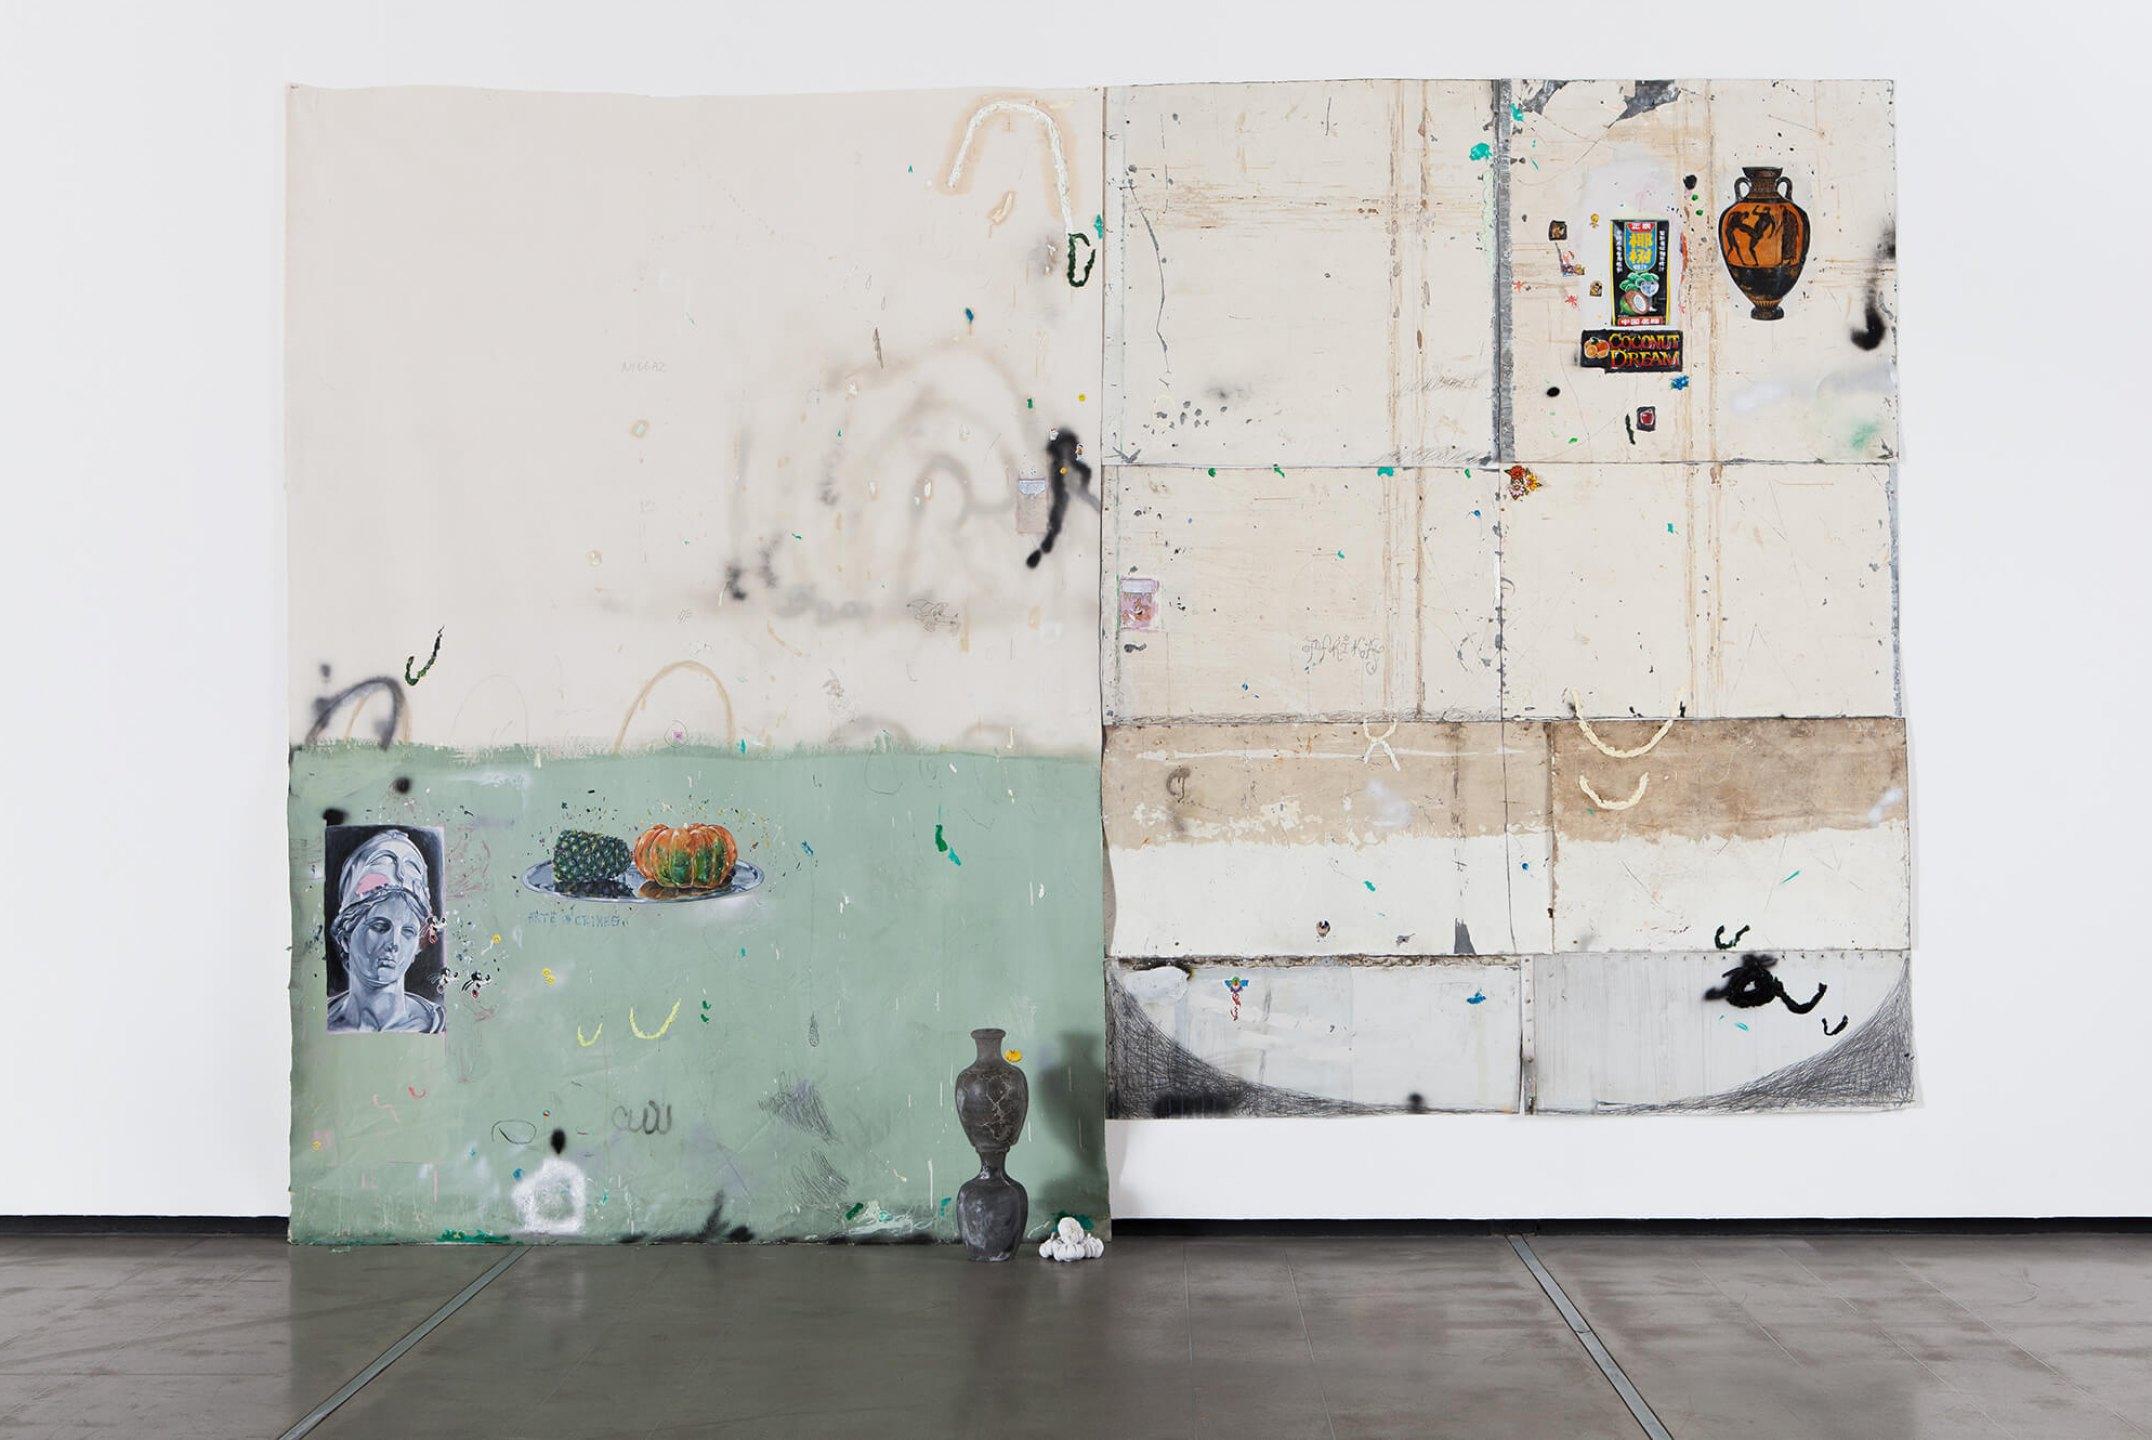 Paulo Nimer Pjota,<em>Entre a filosofia e o crime, part. II</em>, 2015, acrylic, oil, pen, pencil on iron plate, cotton, paper and concrete, 300 × 420 cm - Mendes Wood DM